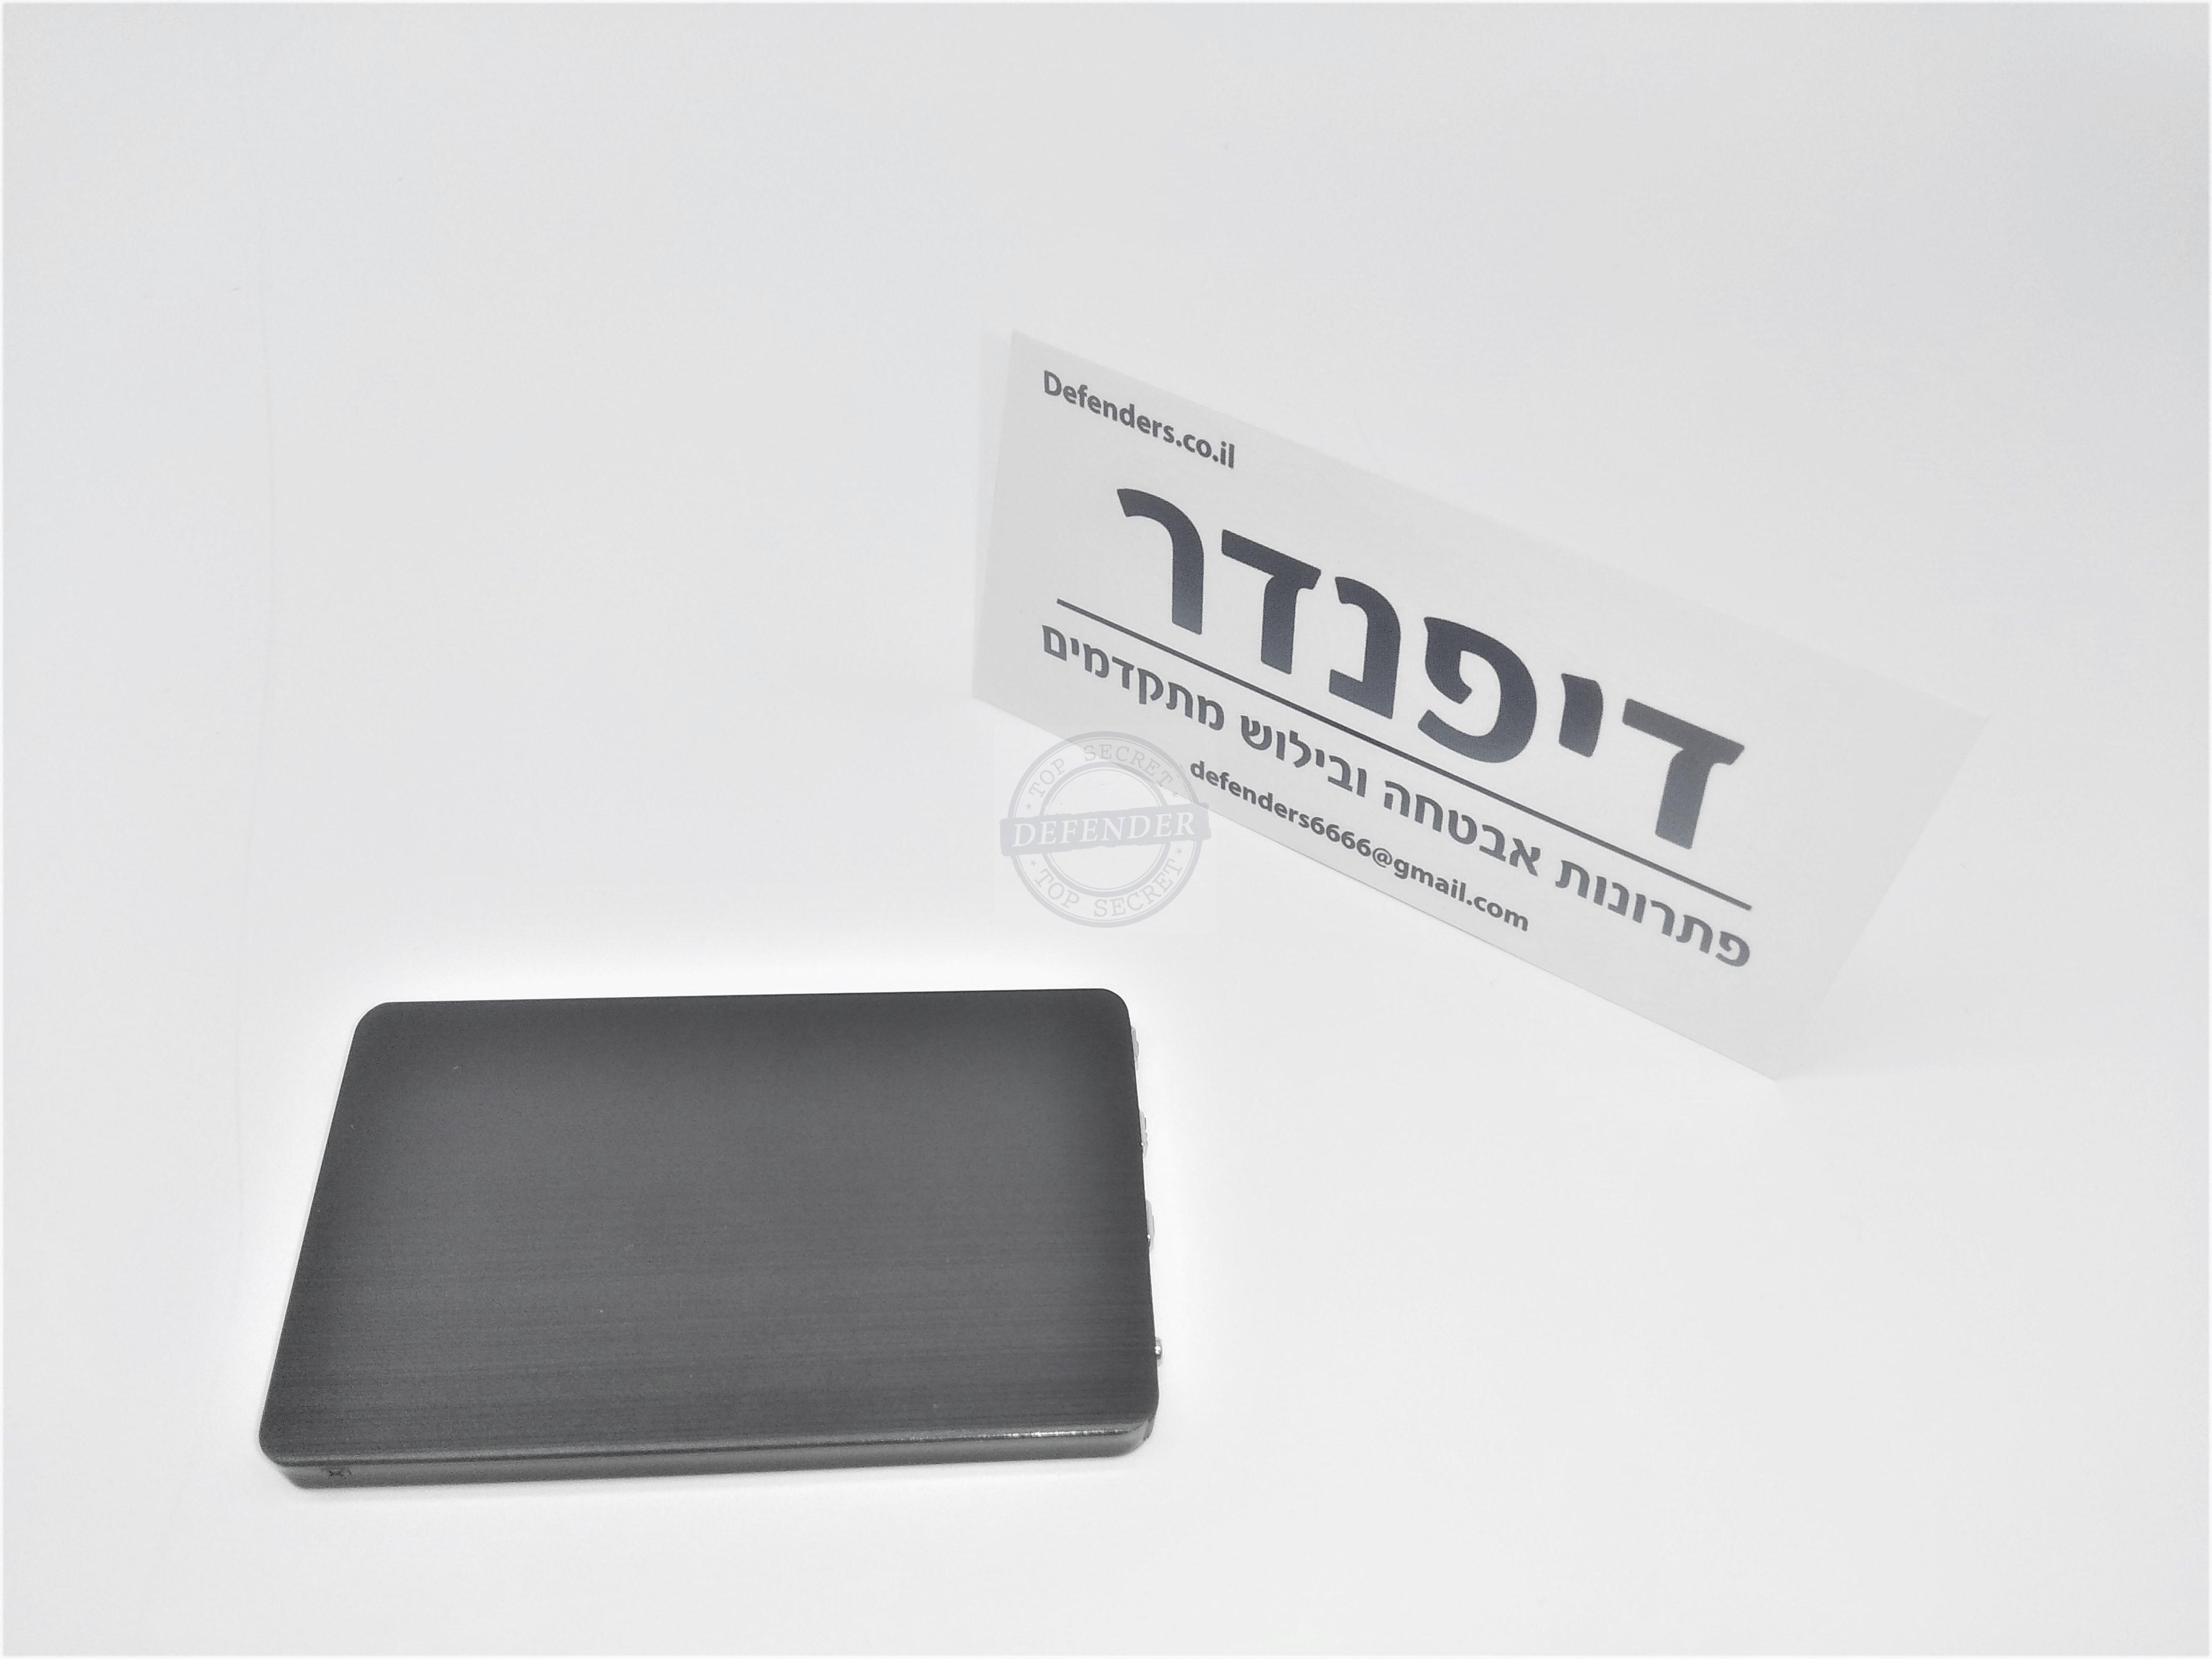 מכשיר הקלטה זעיר נסתר בדמוי כרטיס אשראי CCR606